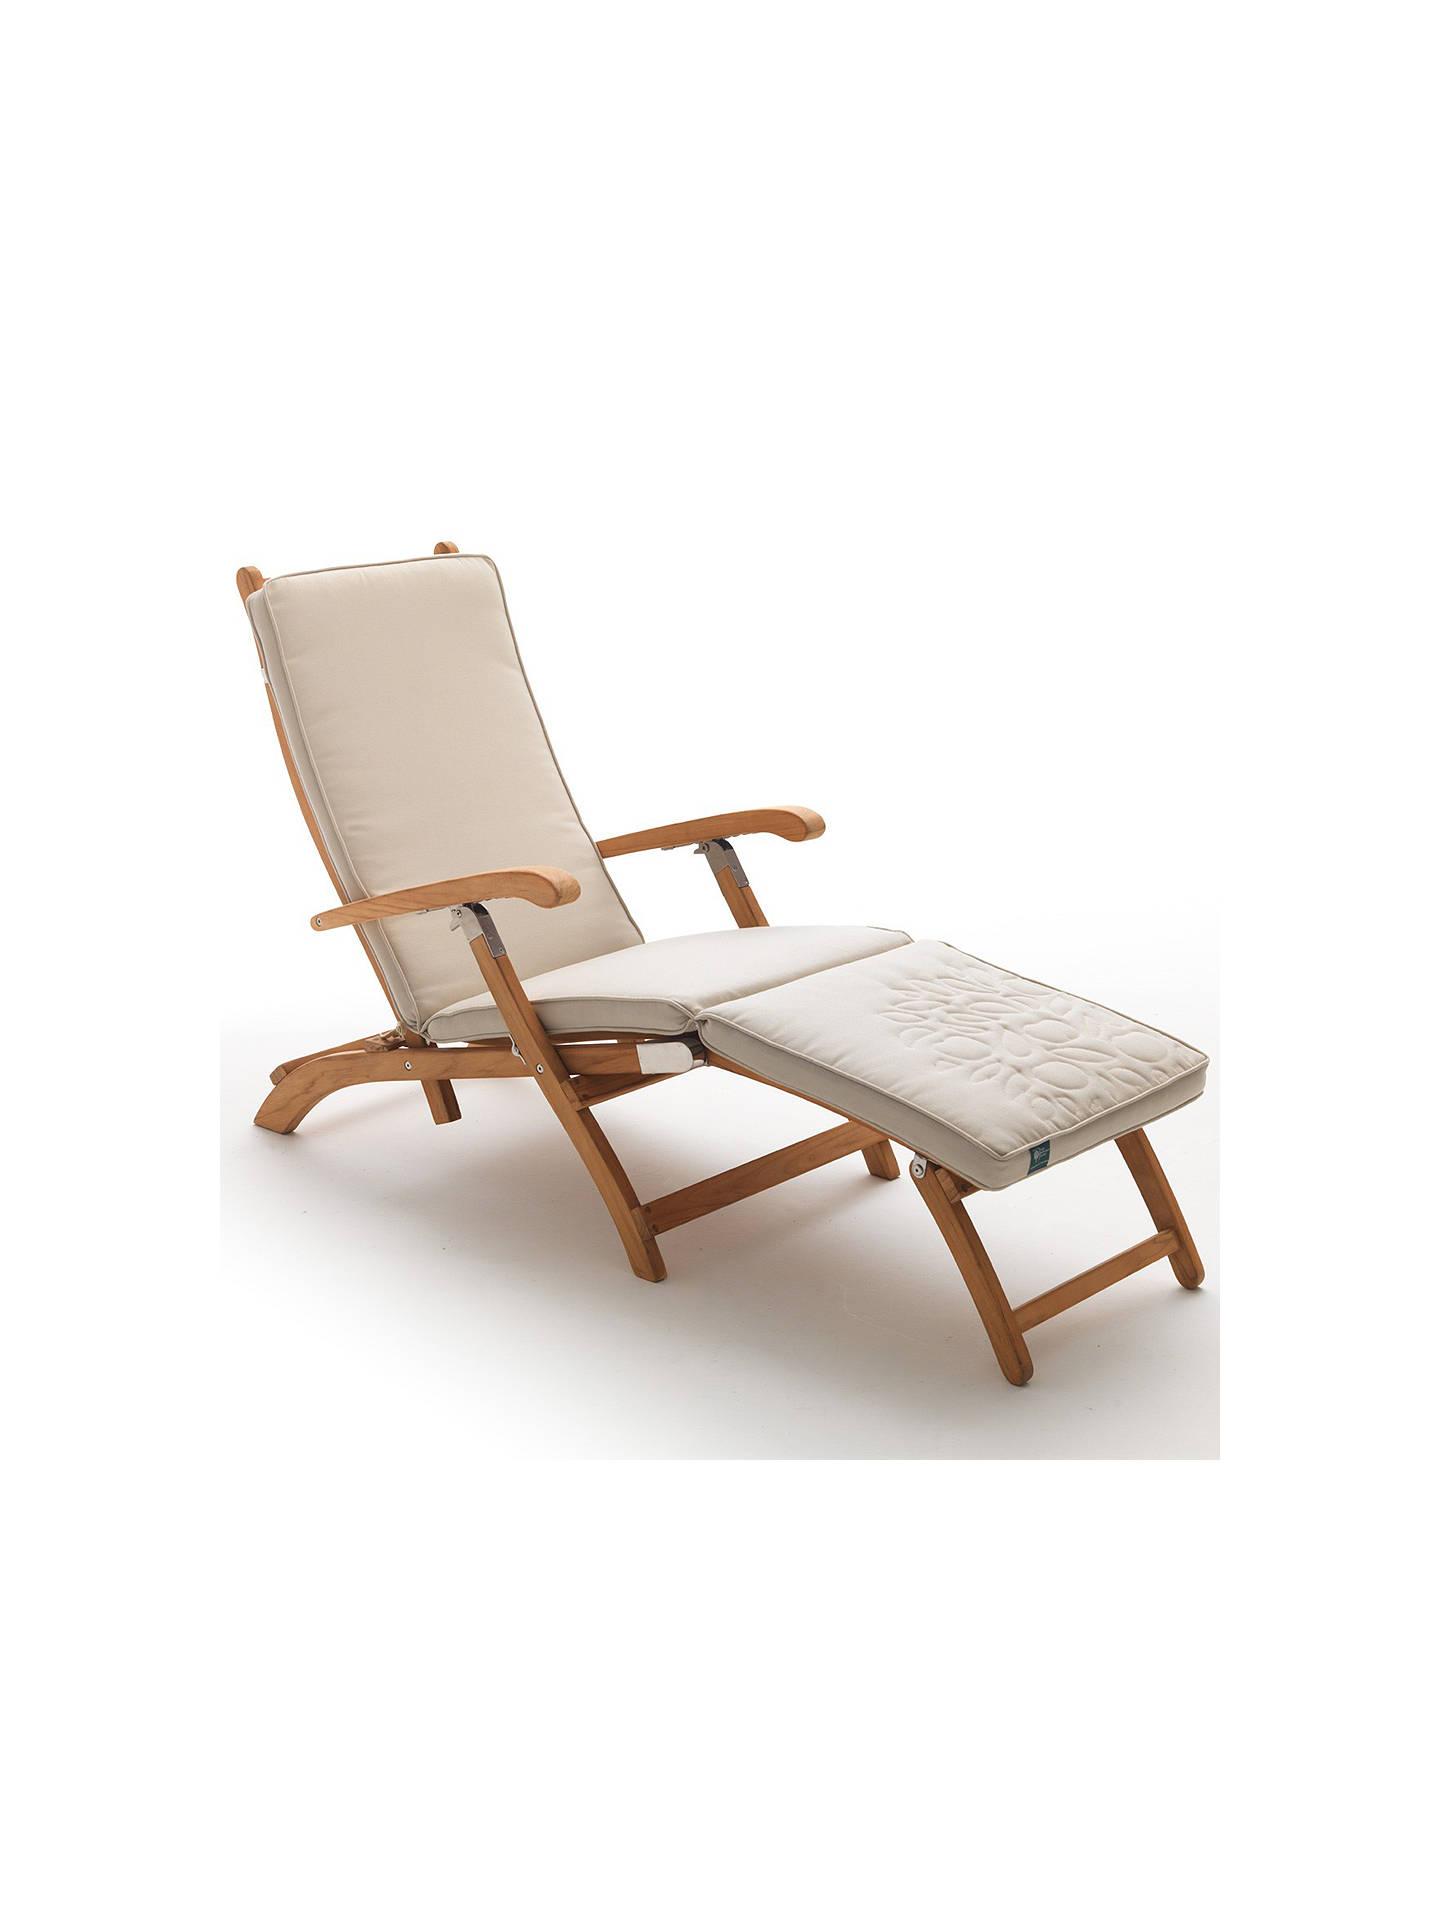 Exceptionnel ... BuyKETTLER RHS Steamer Chair Cushion Online At Johnlewis.com